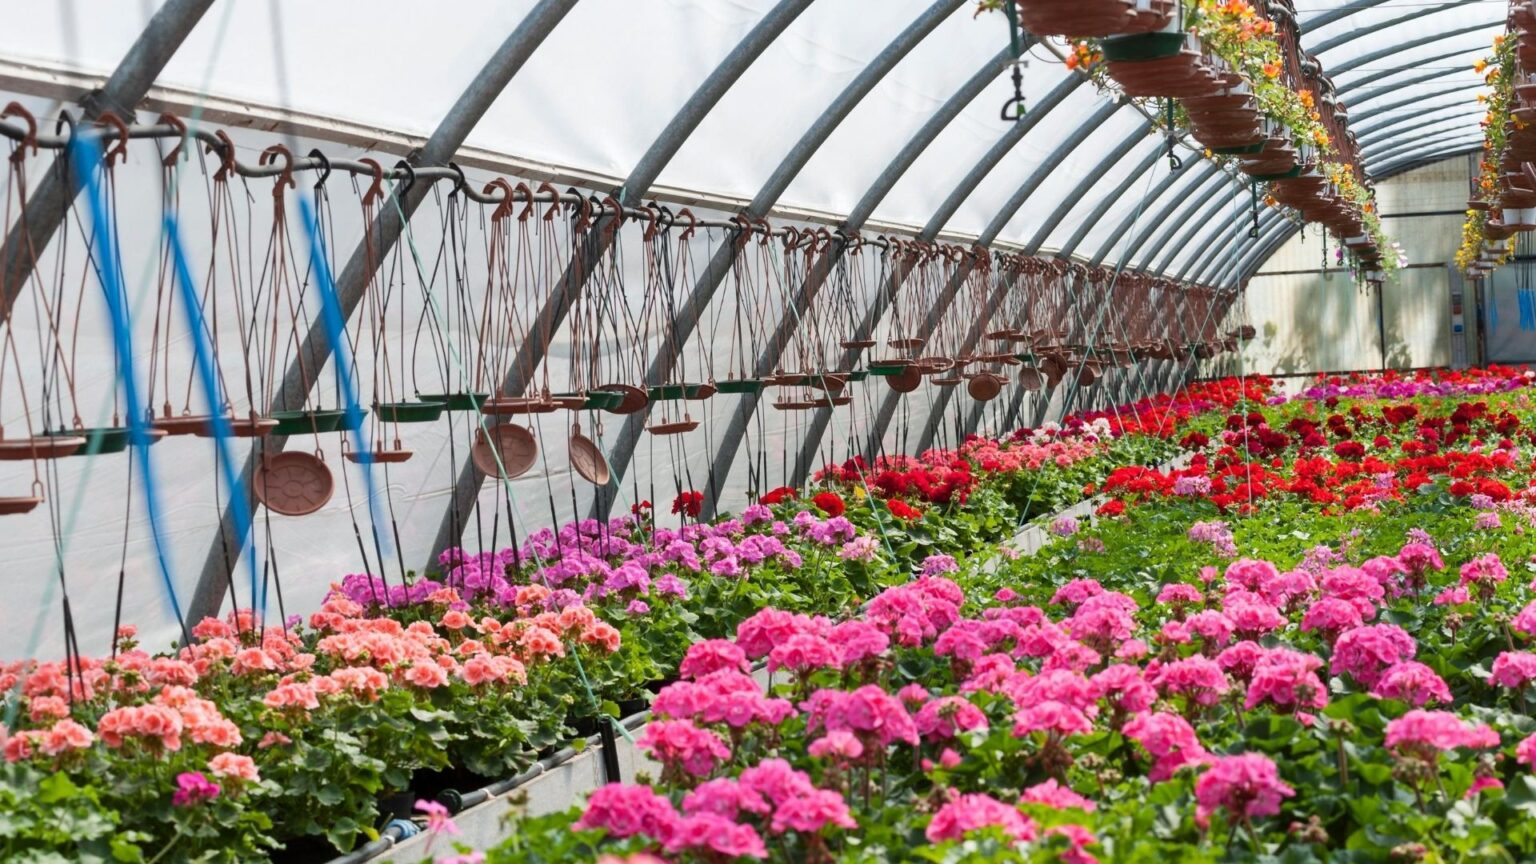 ¿Qué necesita la floricultura para potenciar su producción? Agricultura inteligente